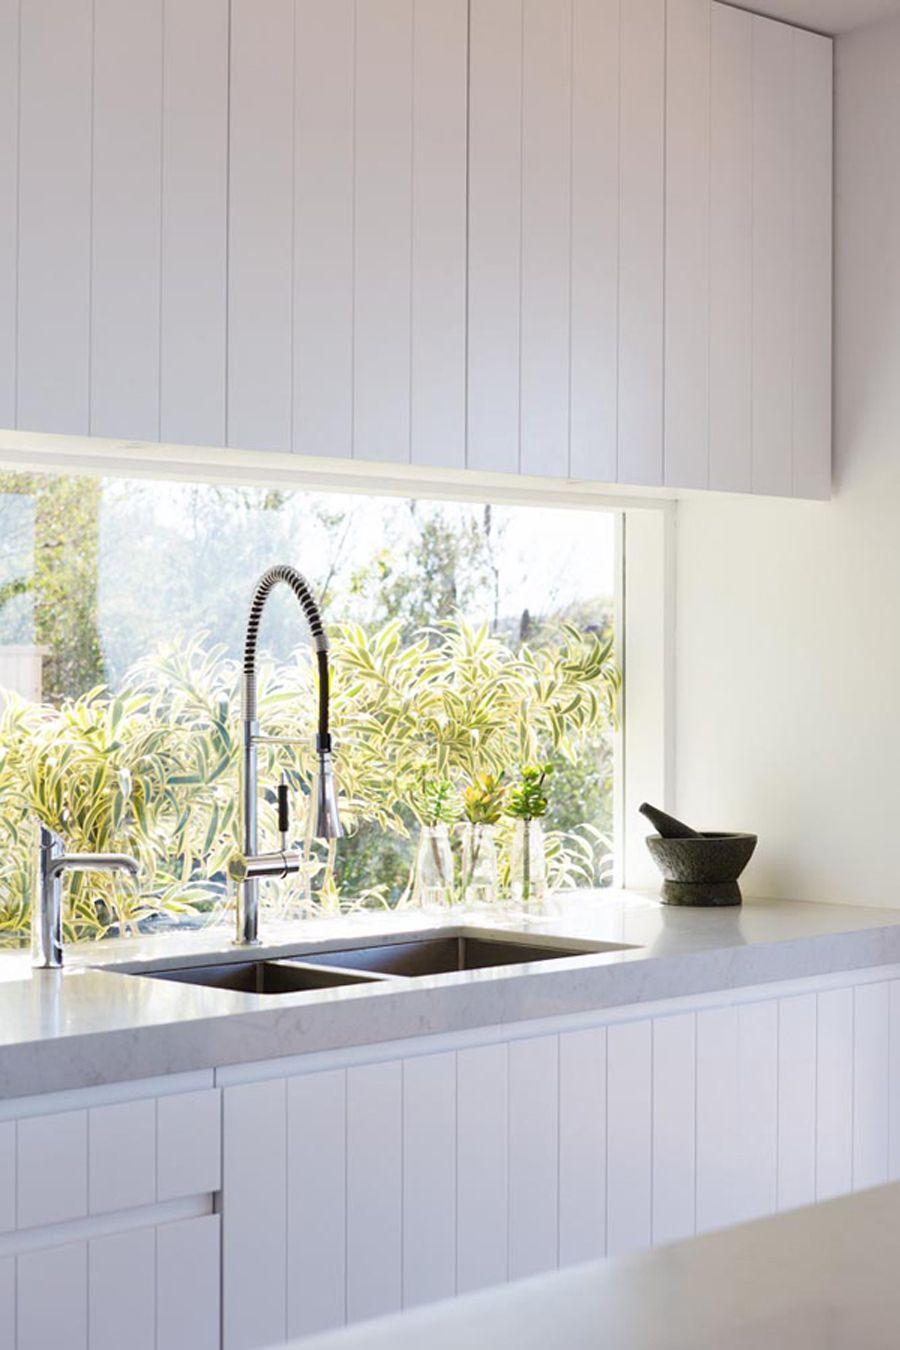 Küchenfenster ideen über spüle küche fenster lang spüle armatur oberschränke arbeitsplatte beton